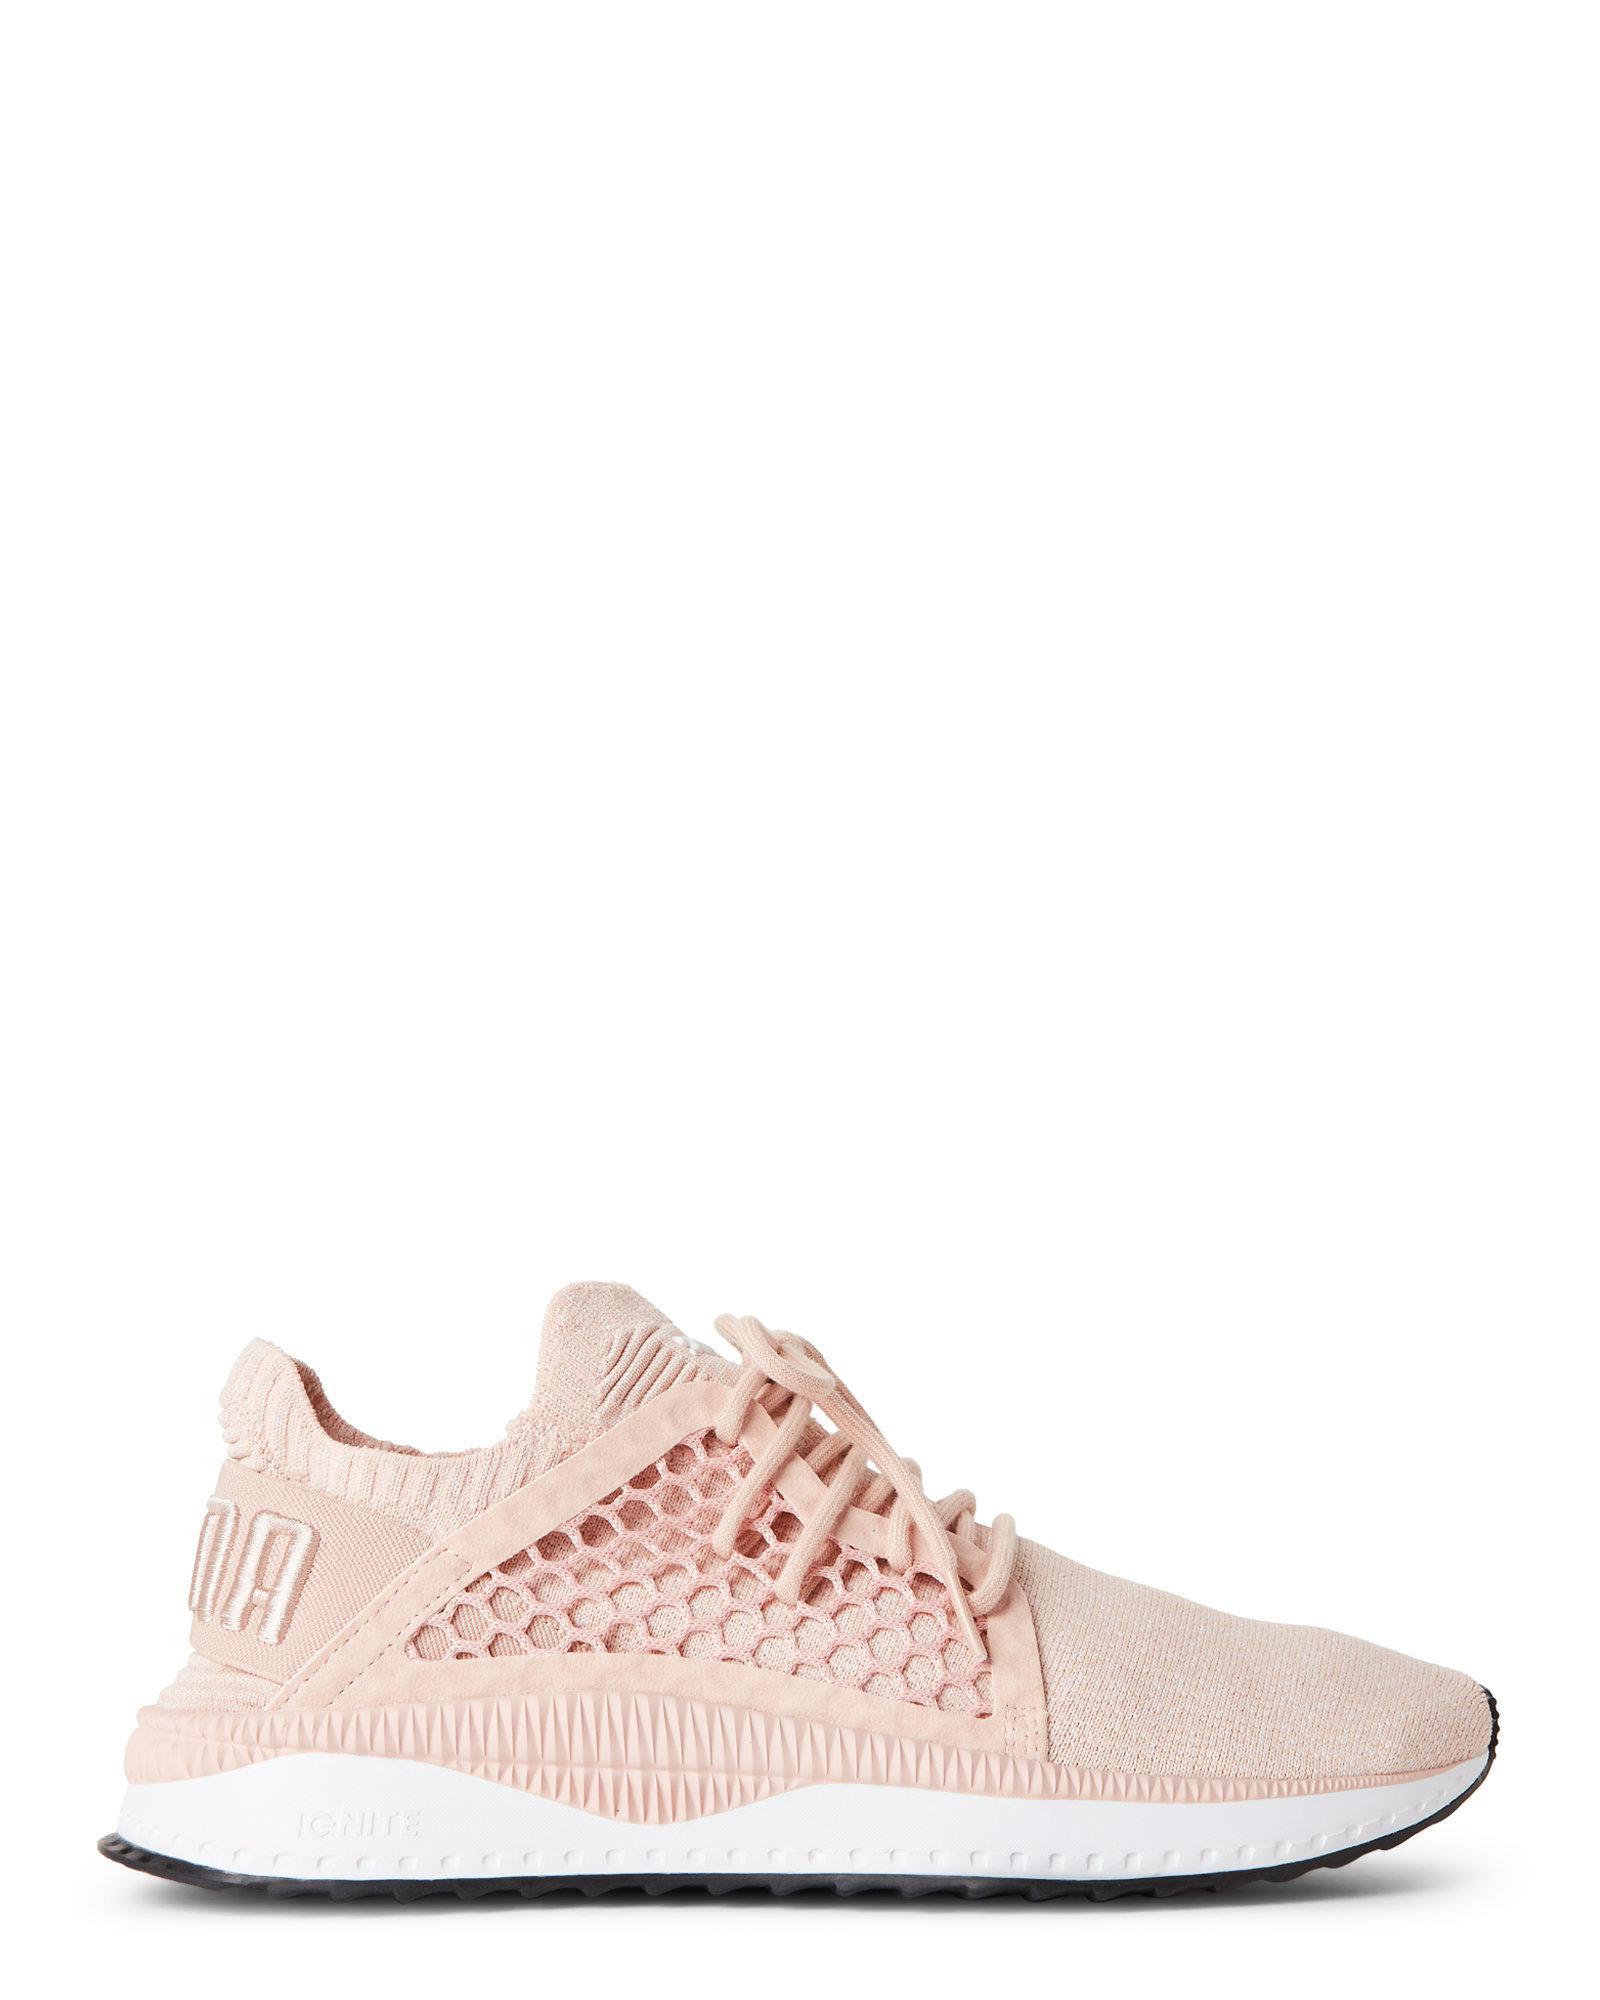 35bd22d1e9042f Lyst - PUMA Cameo Rose   White Tsugi Netfit Evoknit Sneakers in Pink